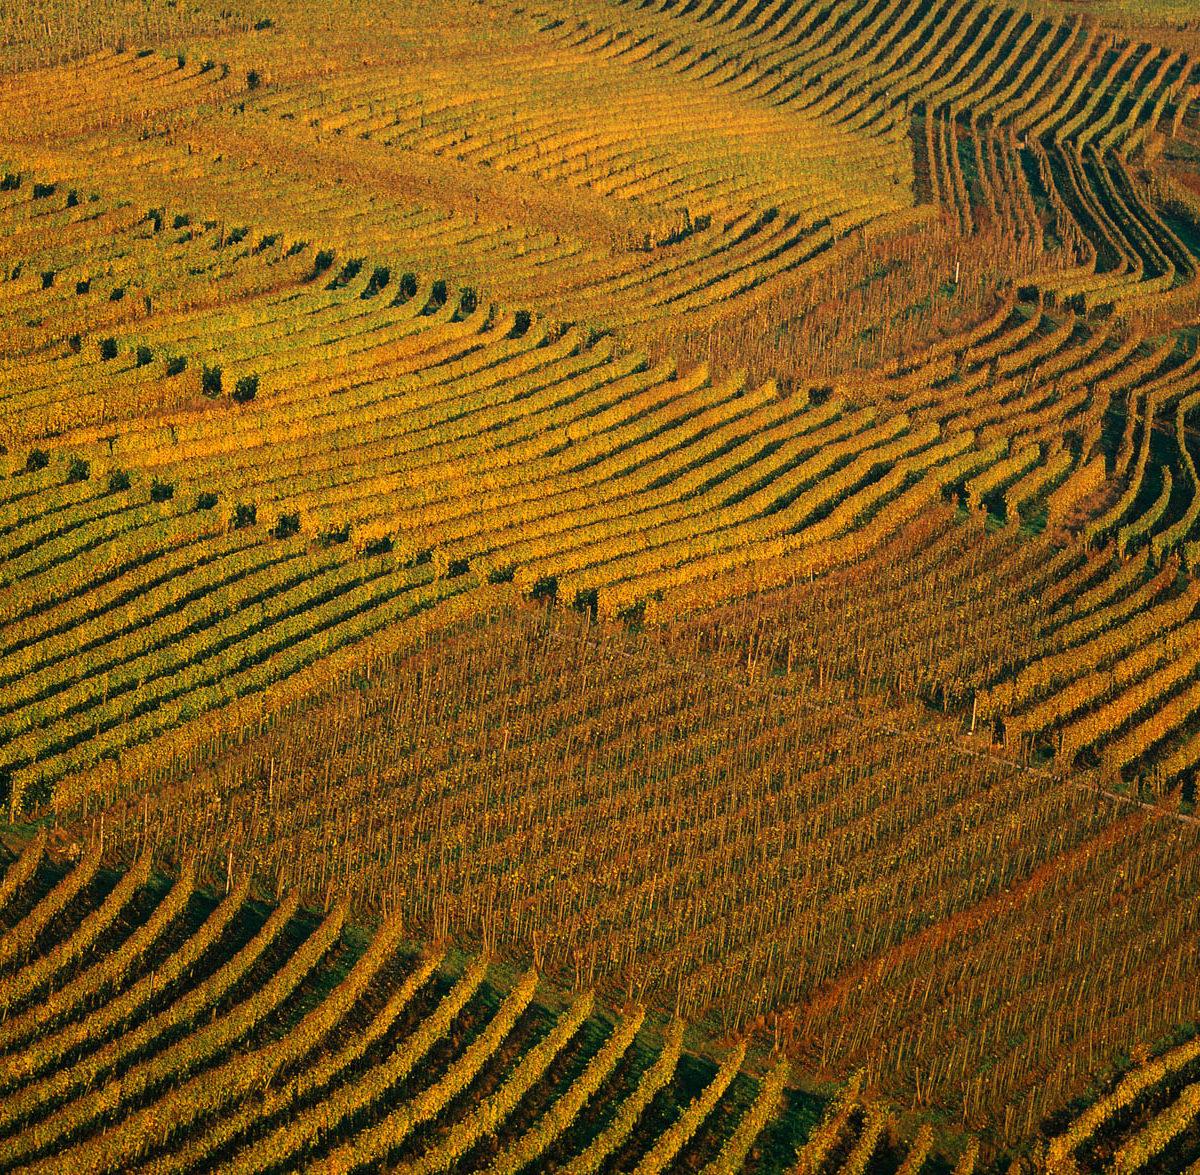 Vignes près de Remich - Luxembourg (49°33' n - 6°22' E) © Yann Arthus Bertrand